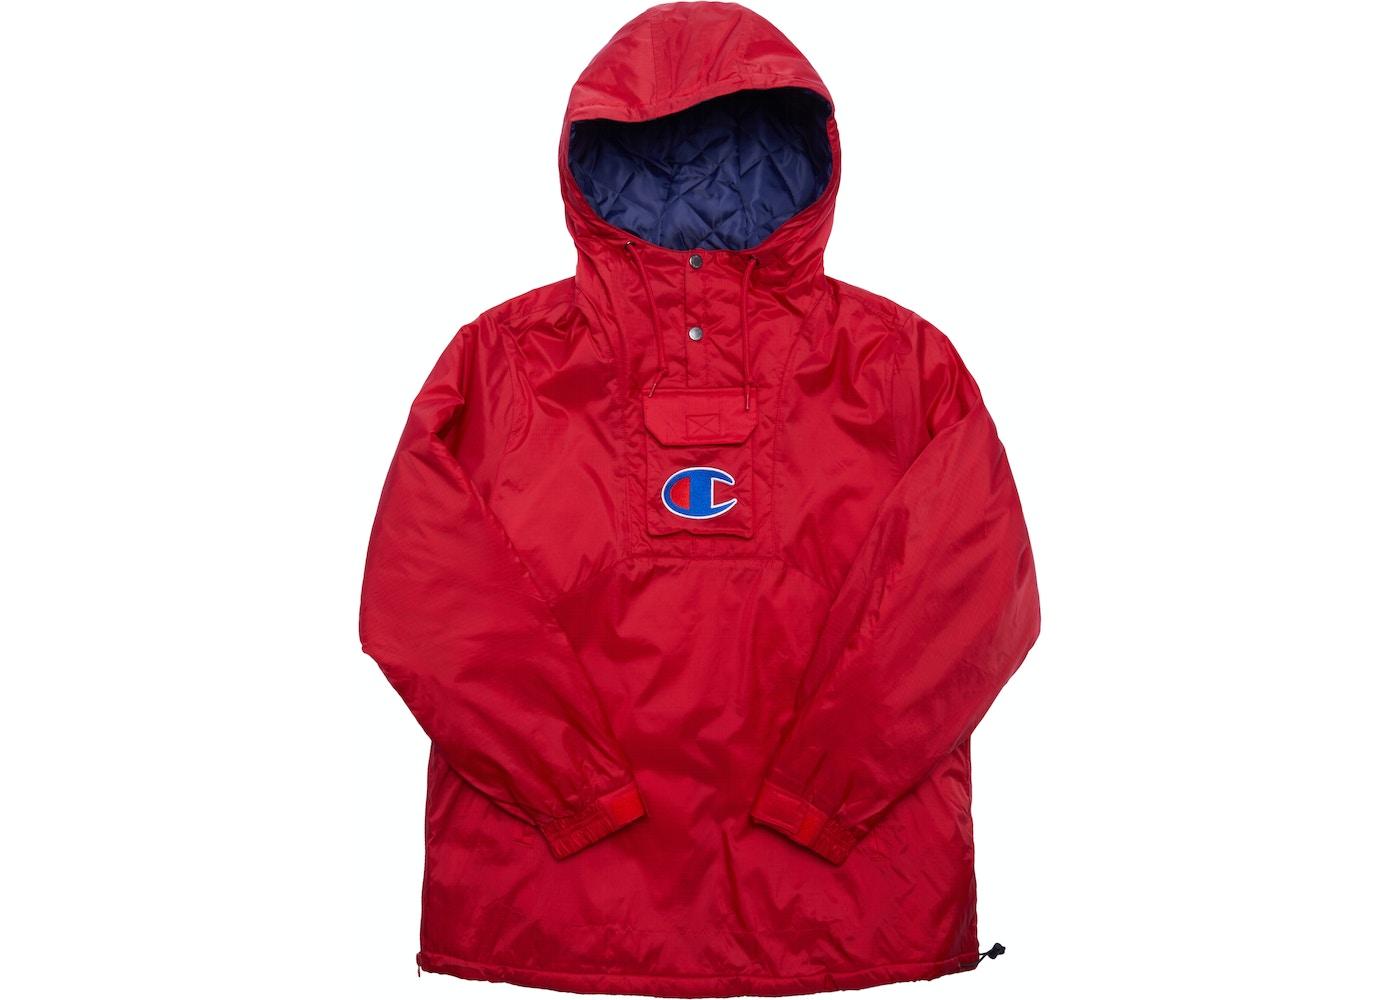 Supreme Champion Pullover Parka Red